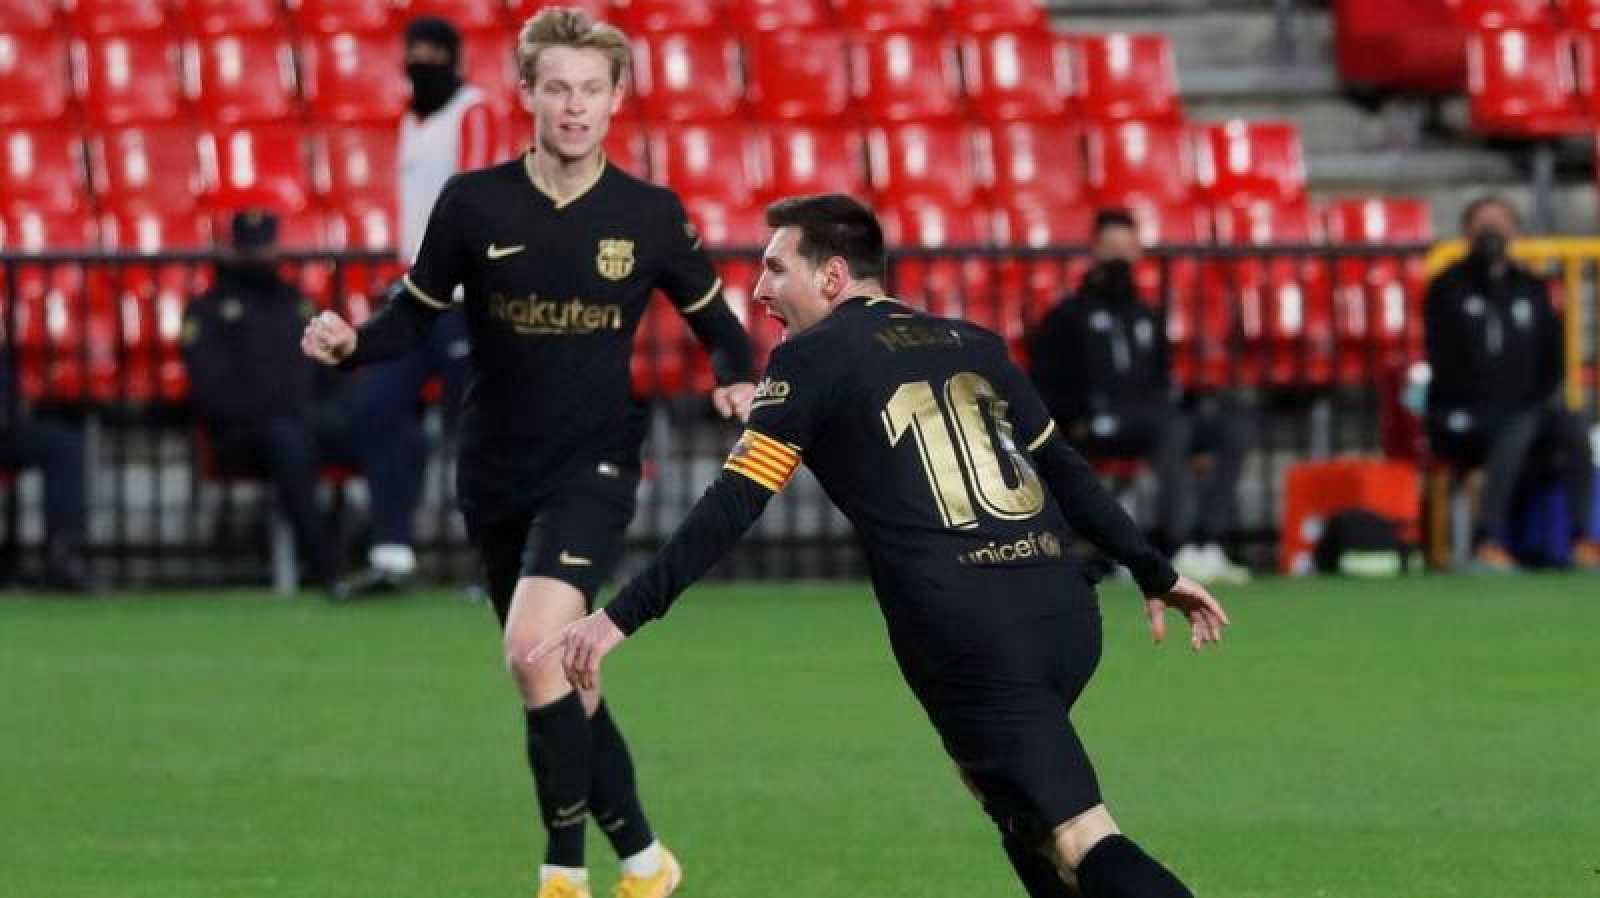 Leo Messi y Frenkie de Jong (al fondo) celebran un gol en un partido reciente del Barça.